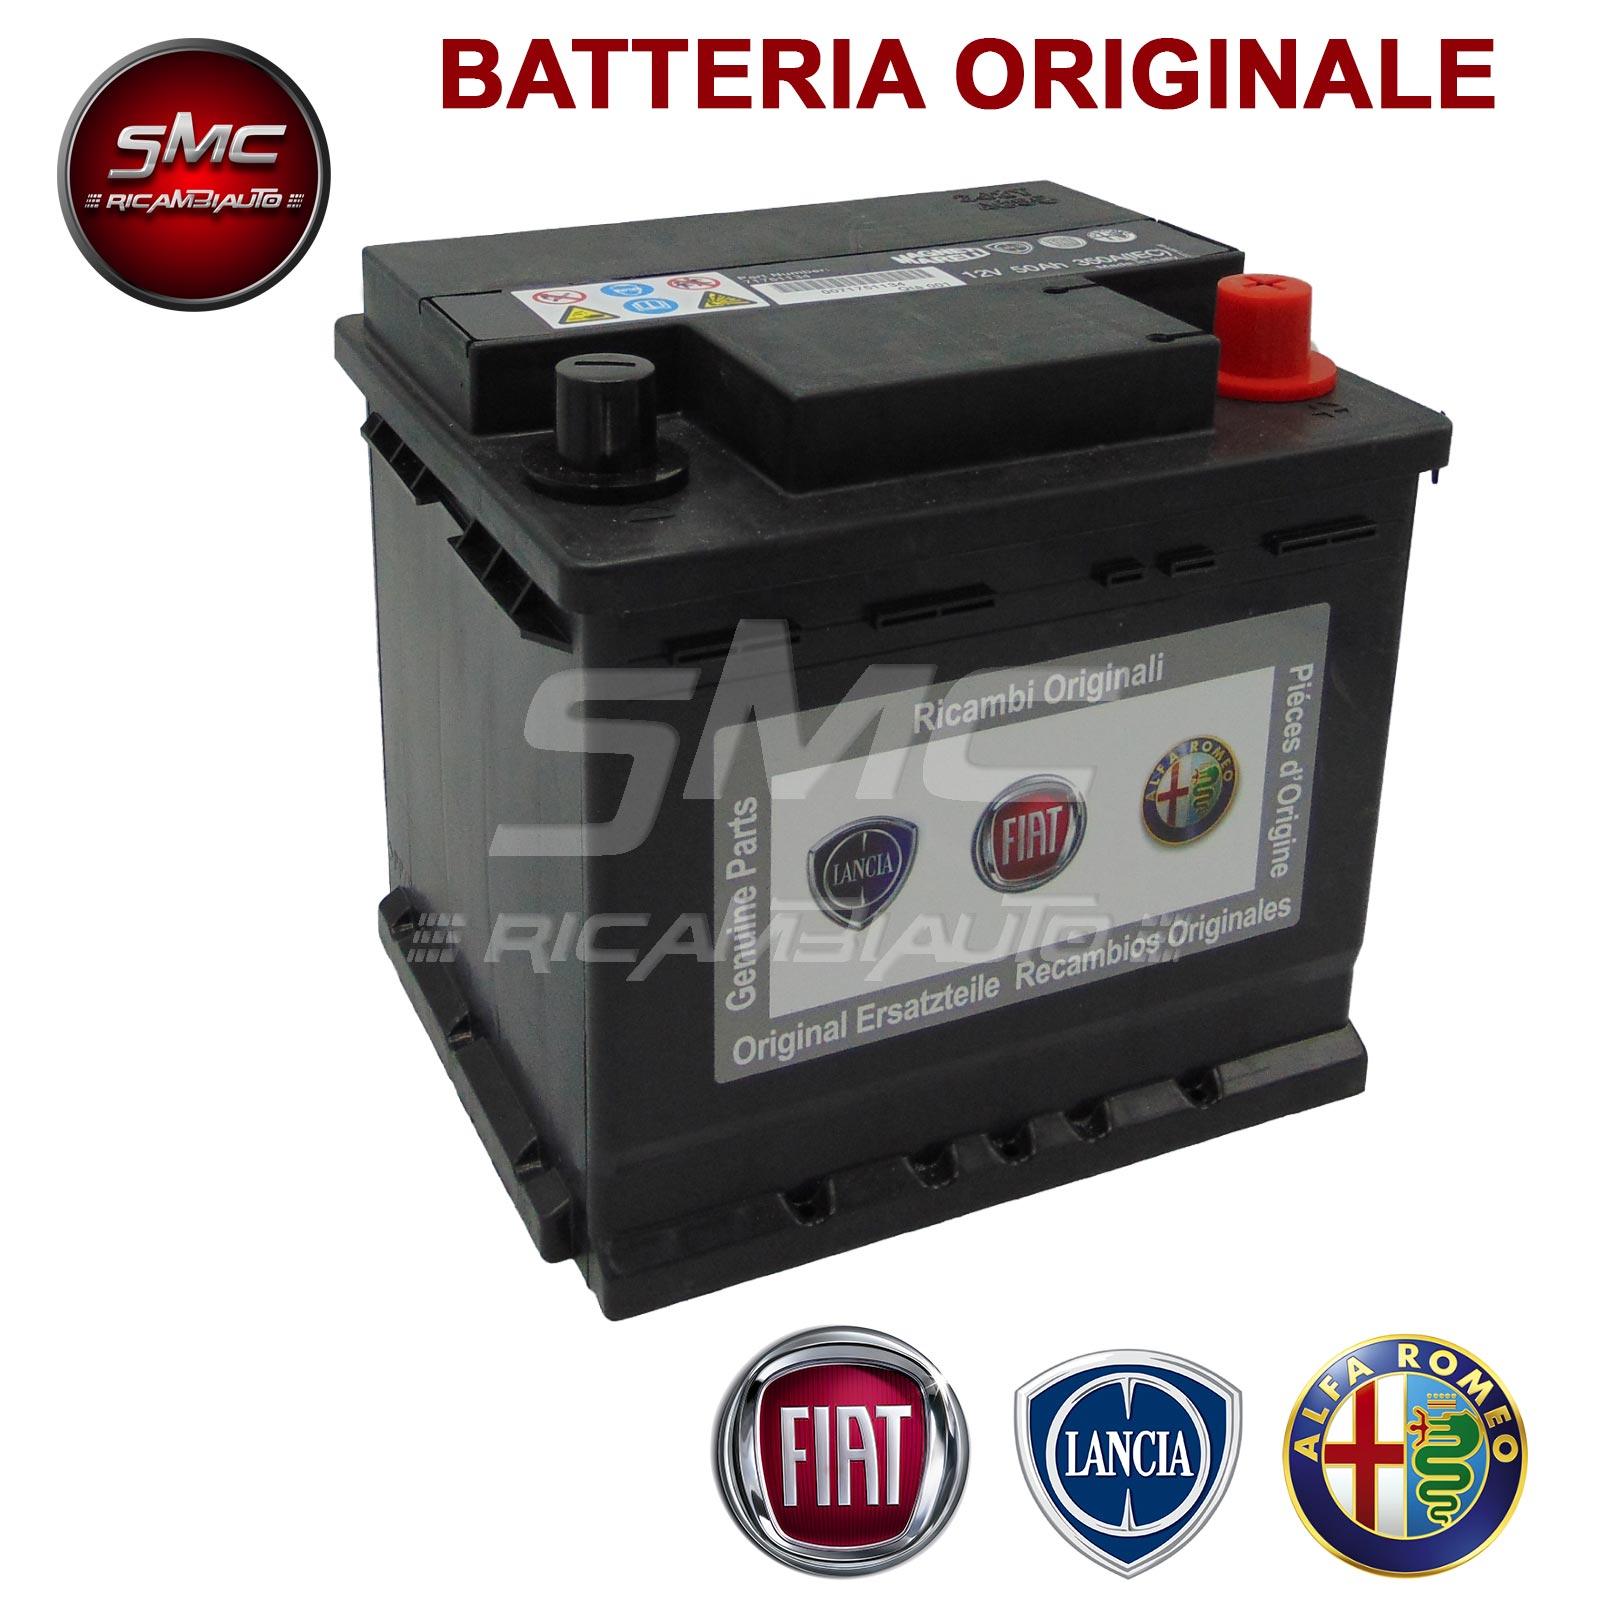 Batteria fiat 50 ah 350a 12v 71751134 ricambi auto smc for Smc ricambi auto